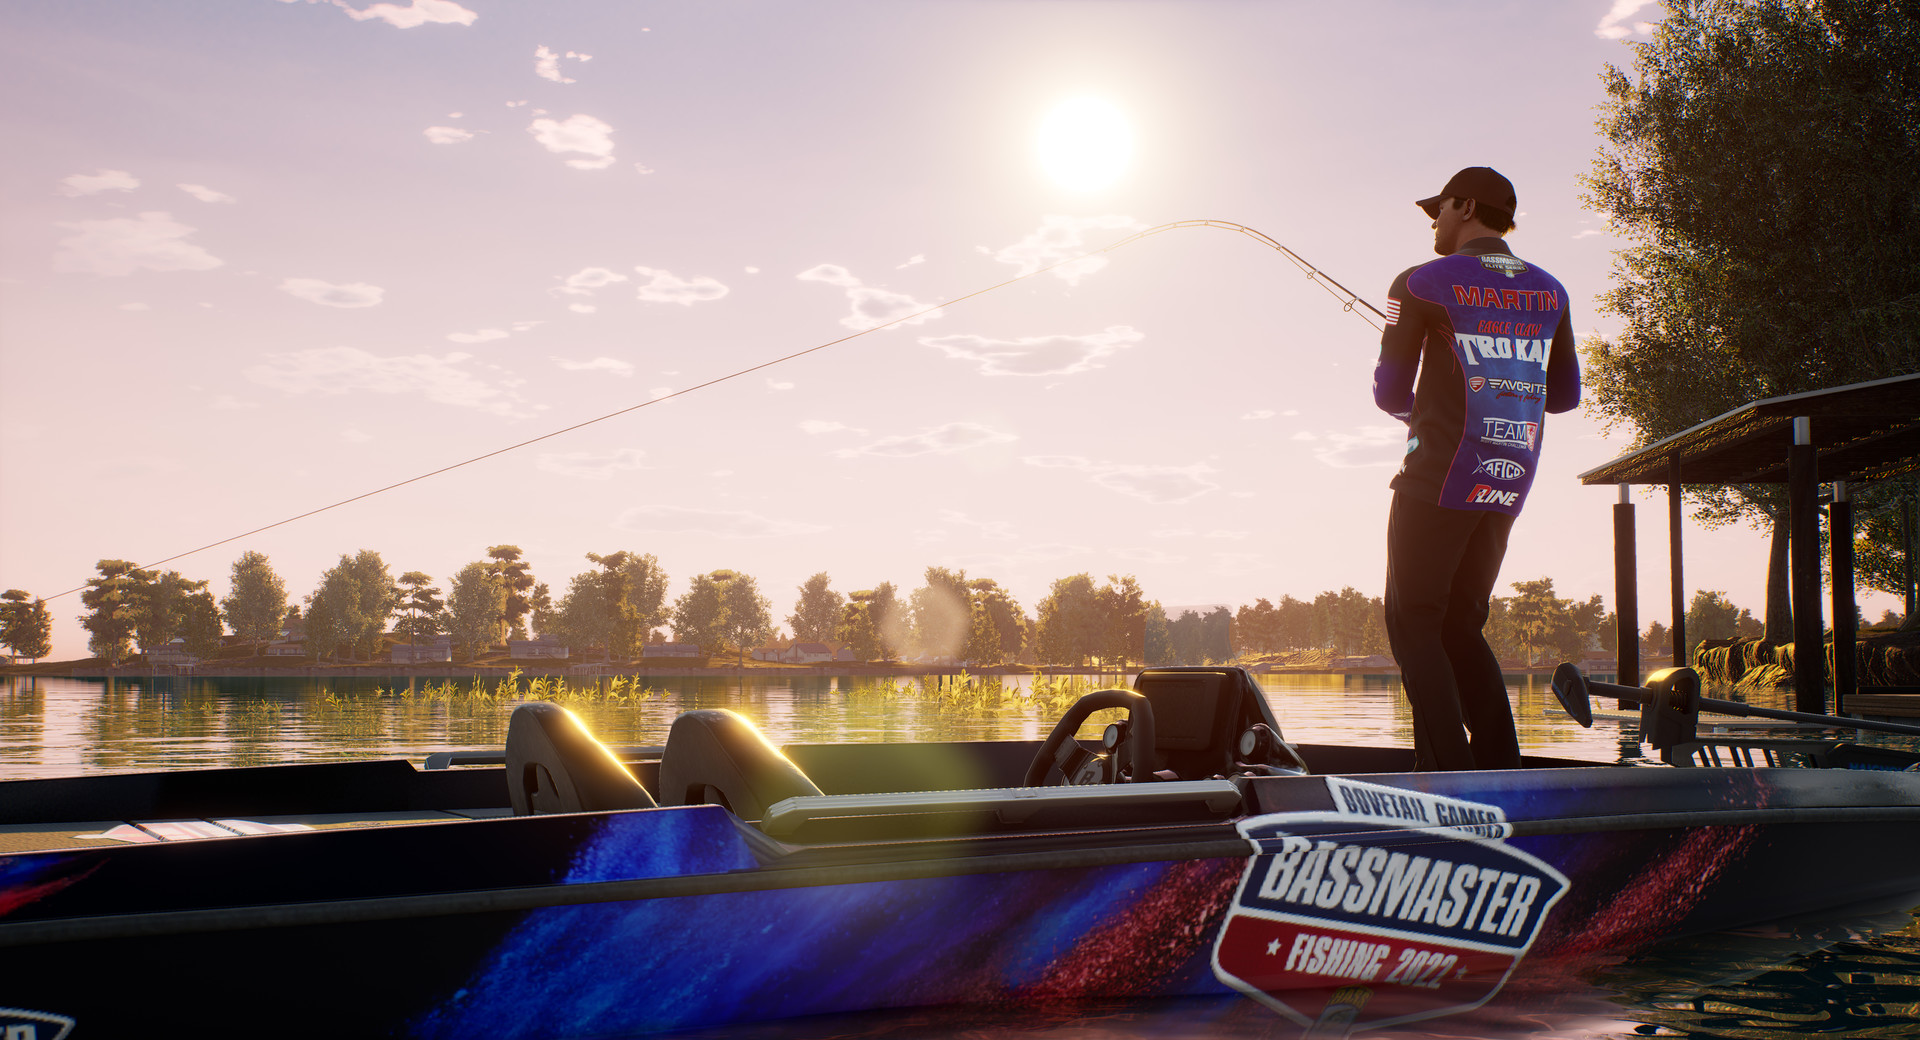 模拟竞技游戏《鲈鱼大师赛2022》开启预购 发行首日登陆XGP